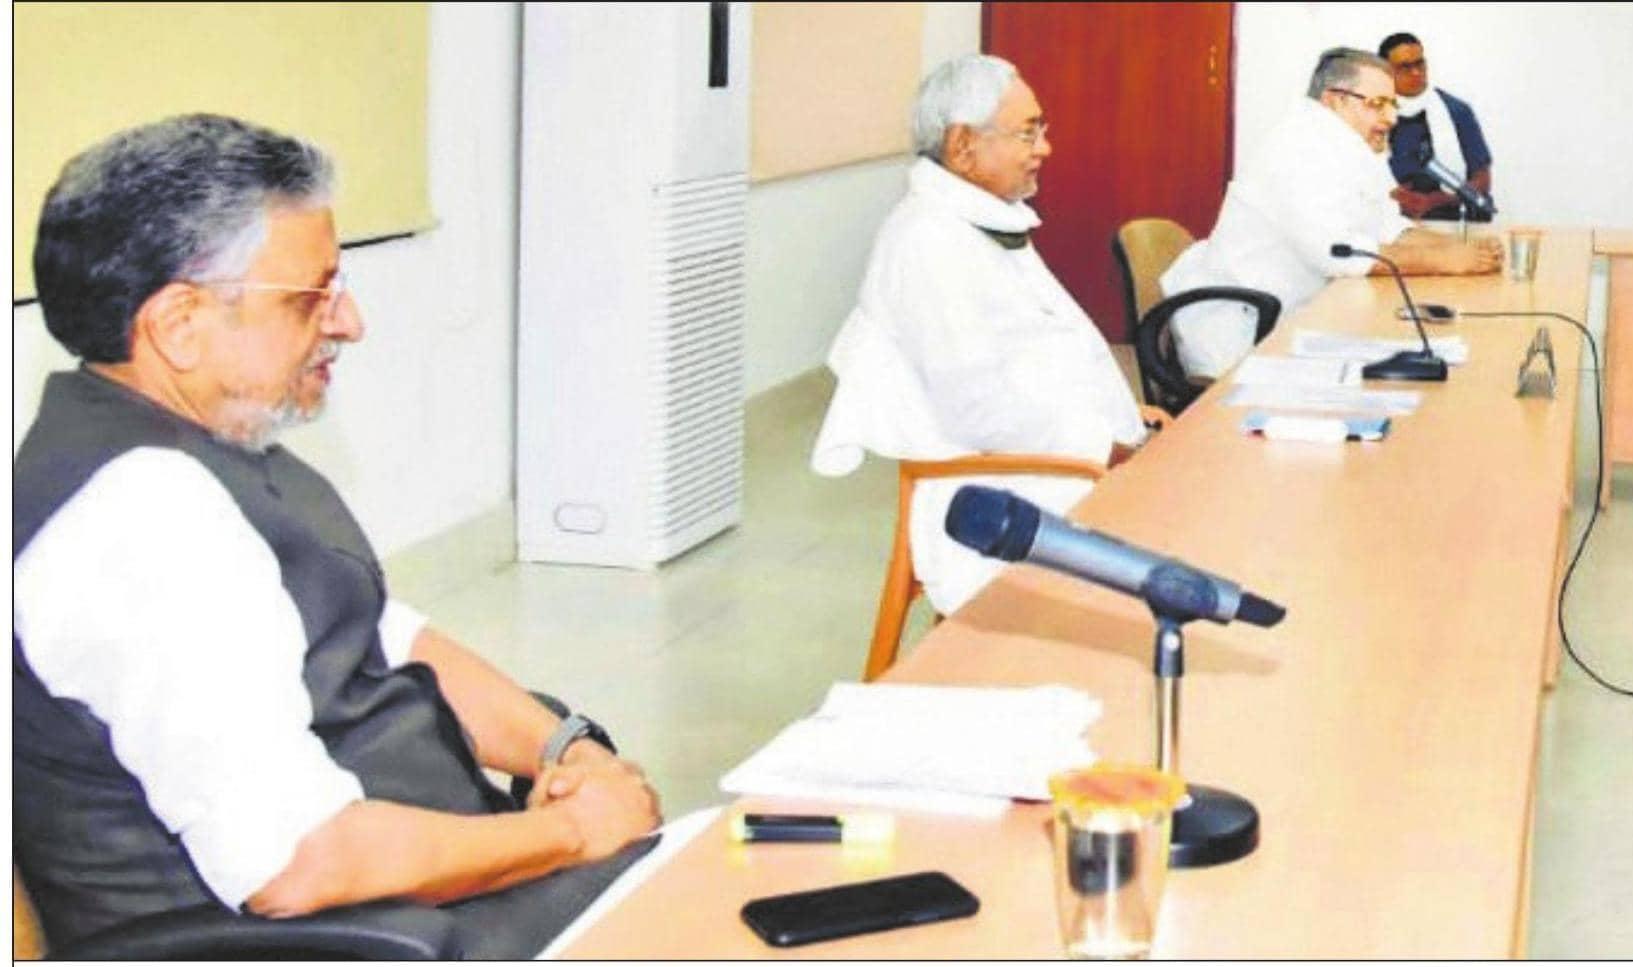 विधायकों से भी सुझाव लेगा जिला प्रशासन मुख्यमंत्री